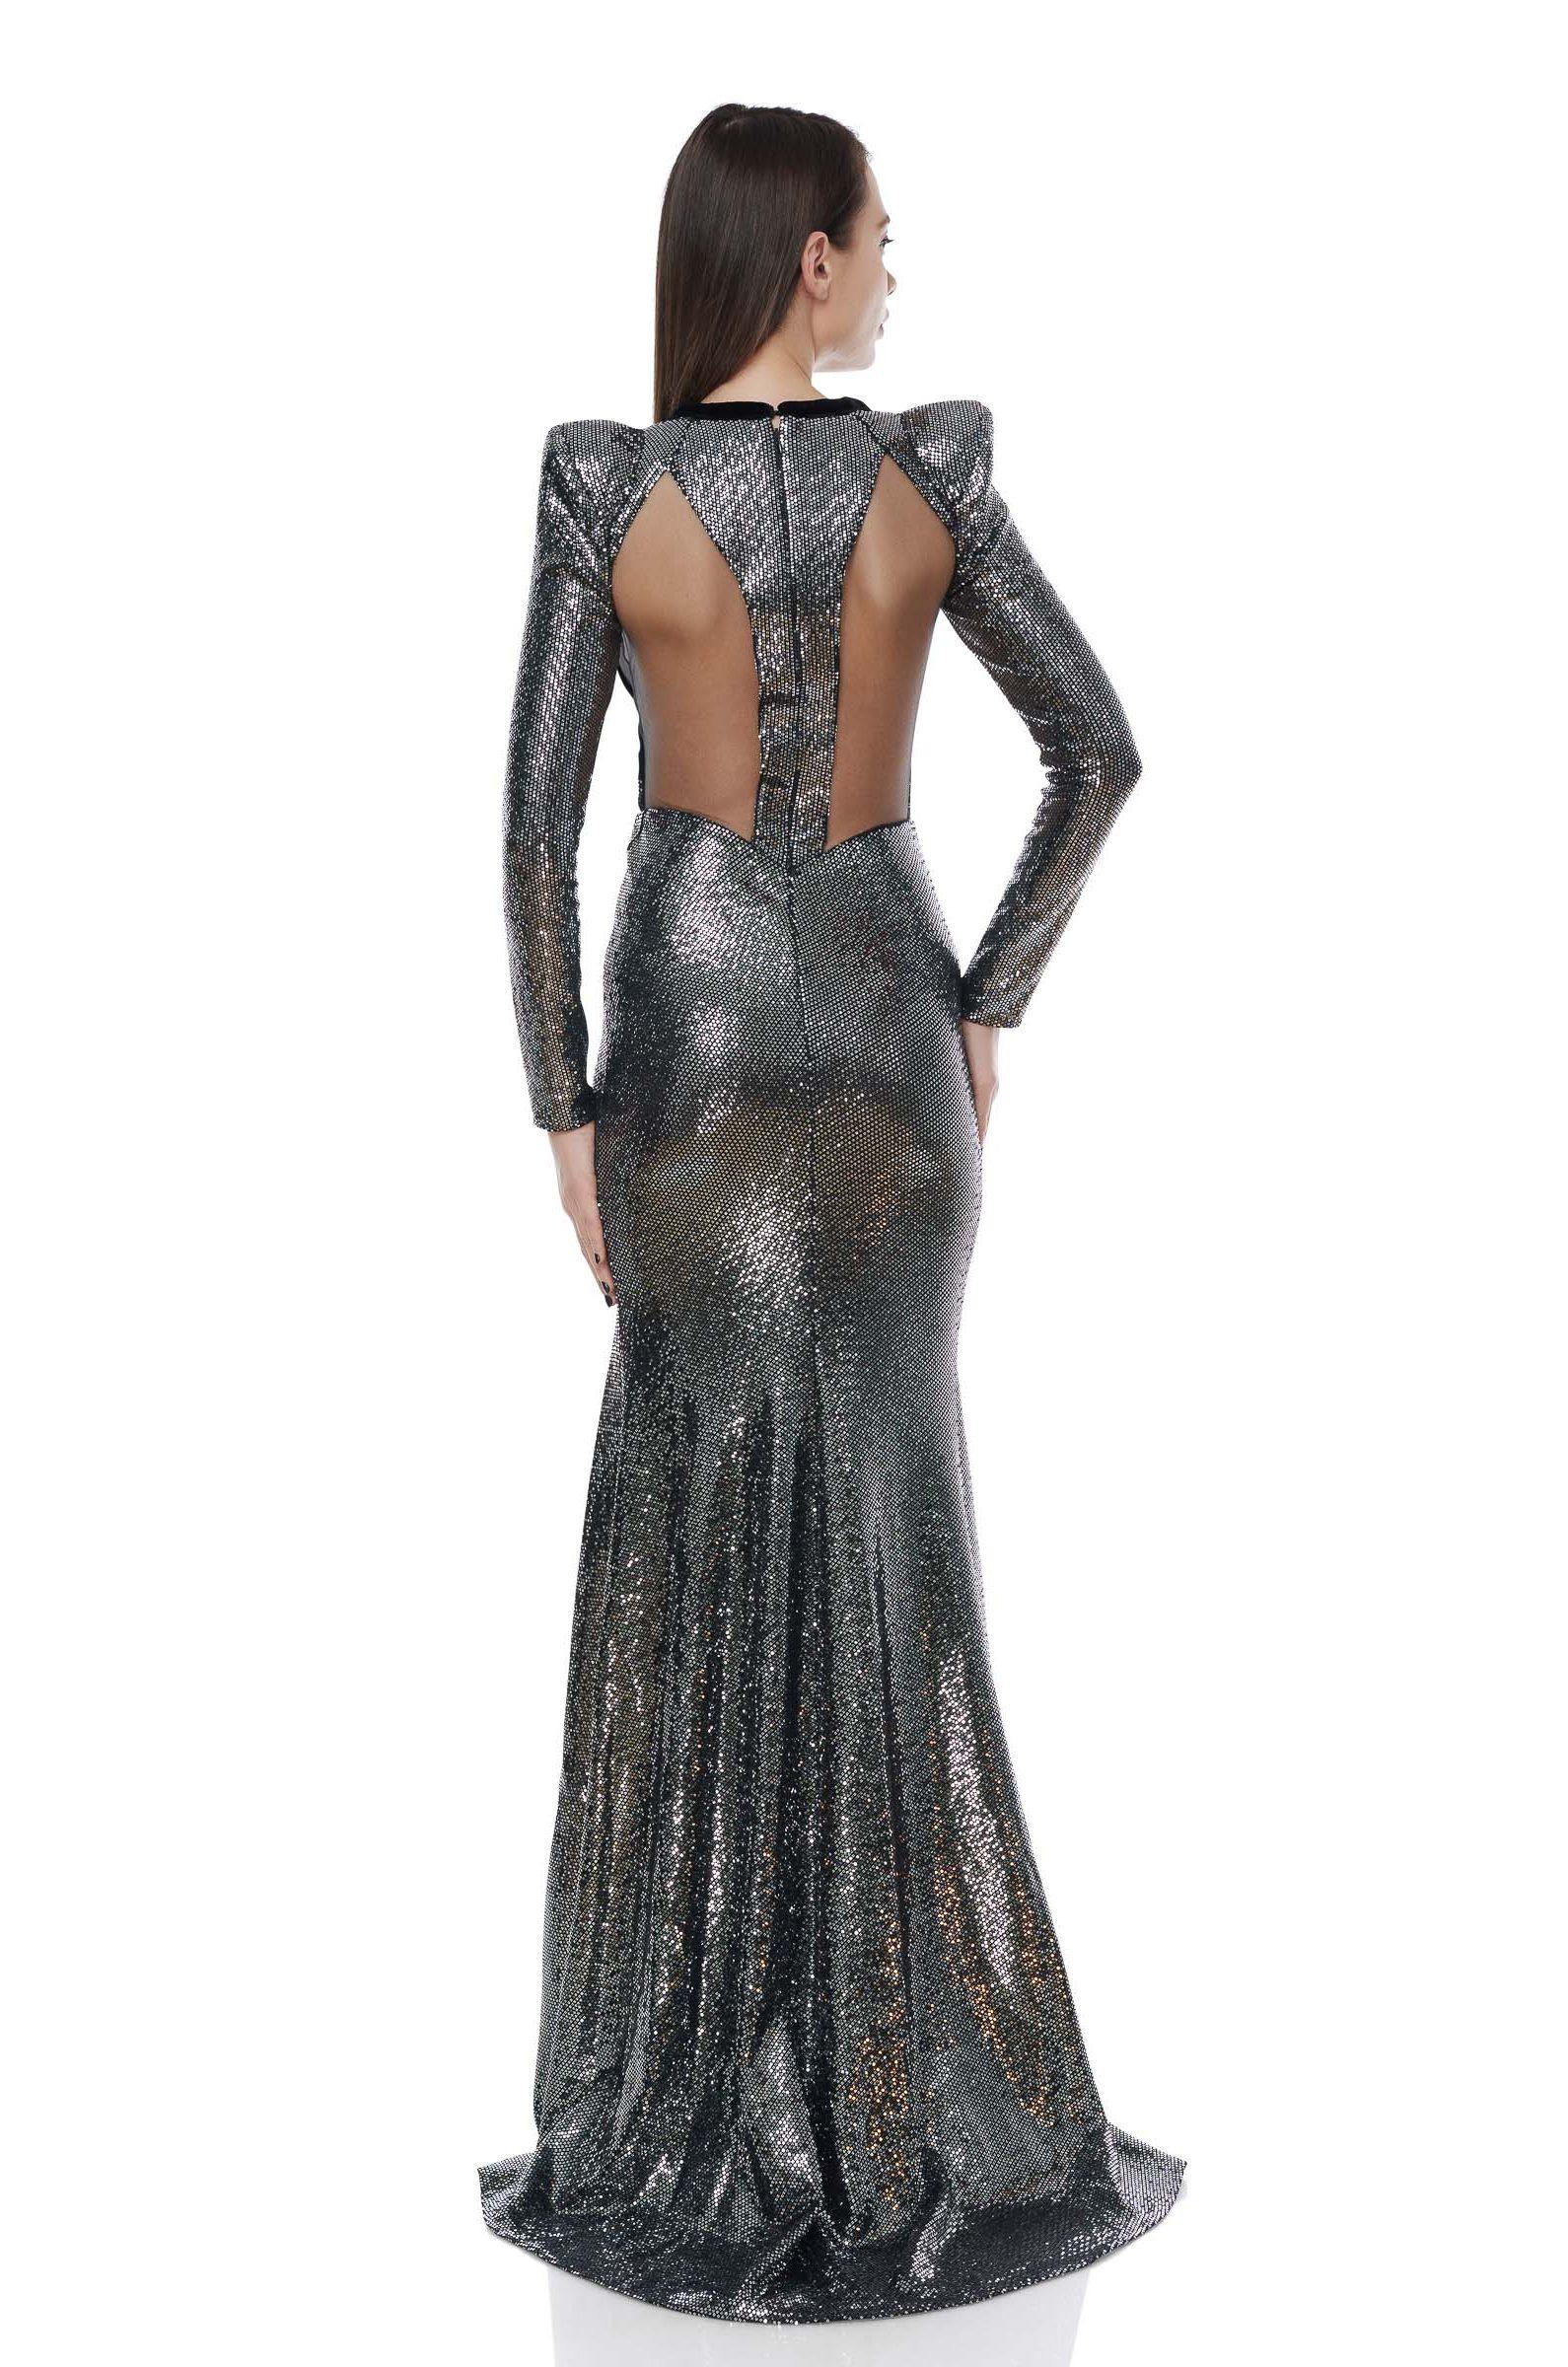 Metallic-Lurex evening gown